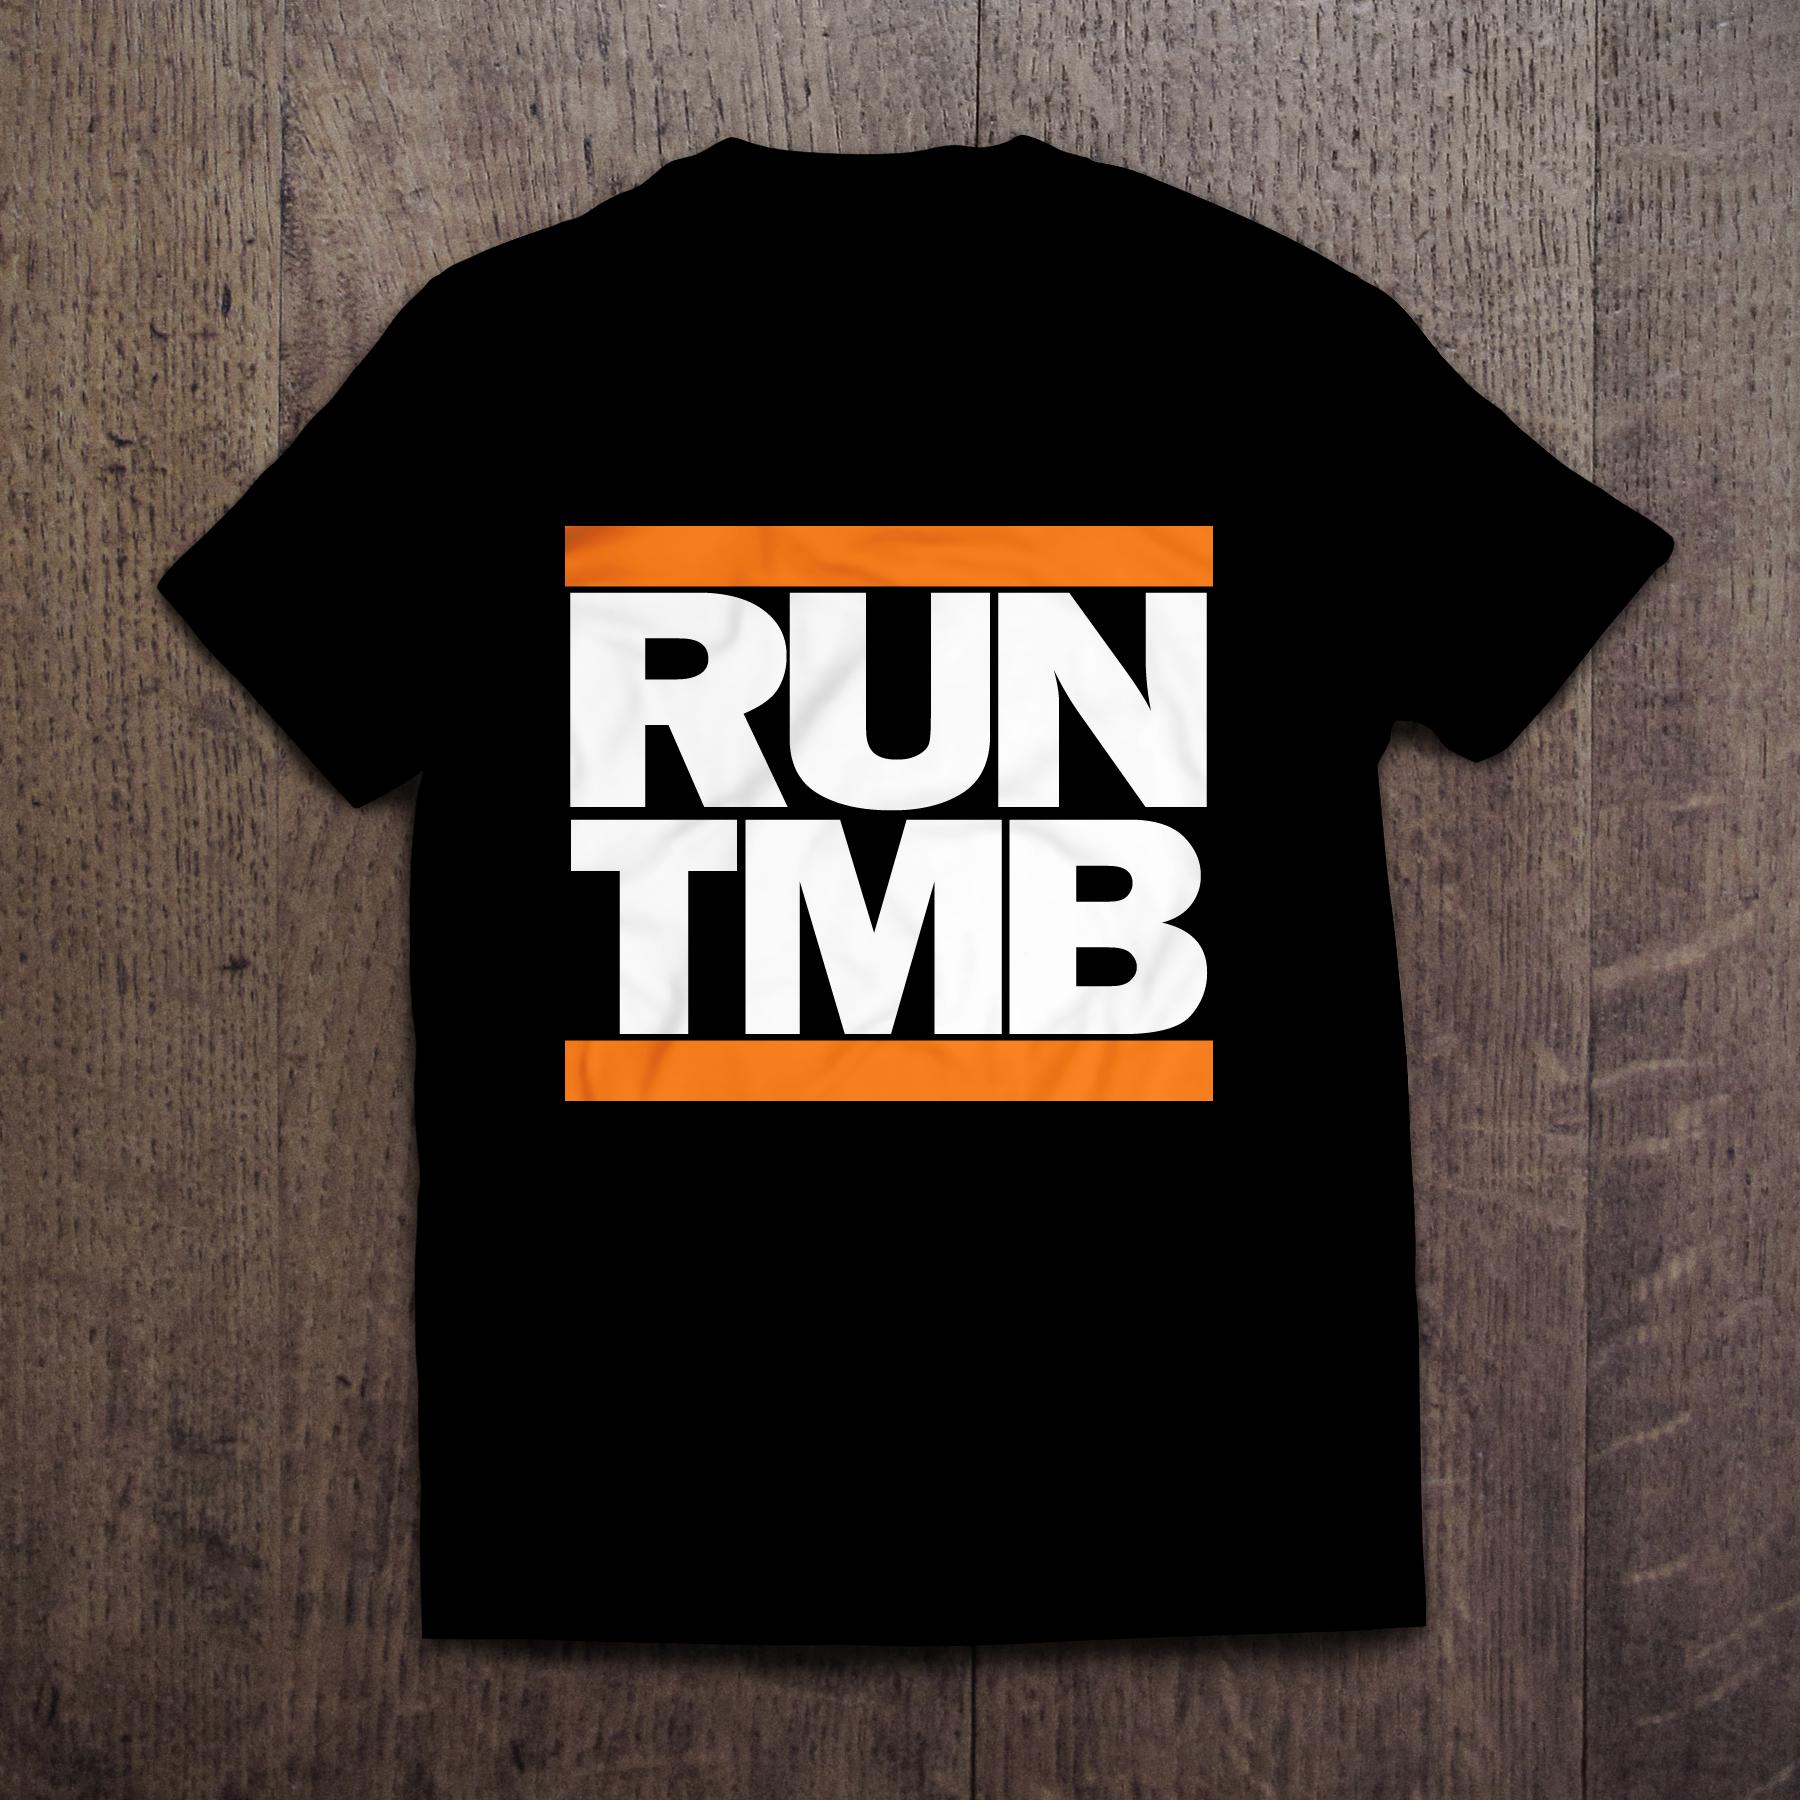 RUN TMB Tshirt TWIL-Shirt-RUNTMB